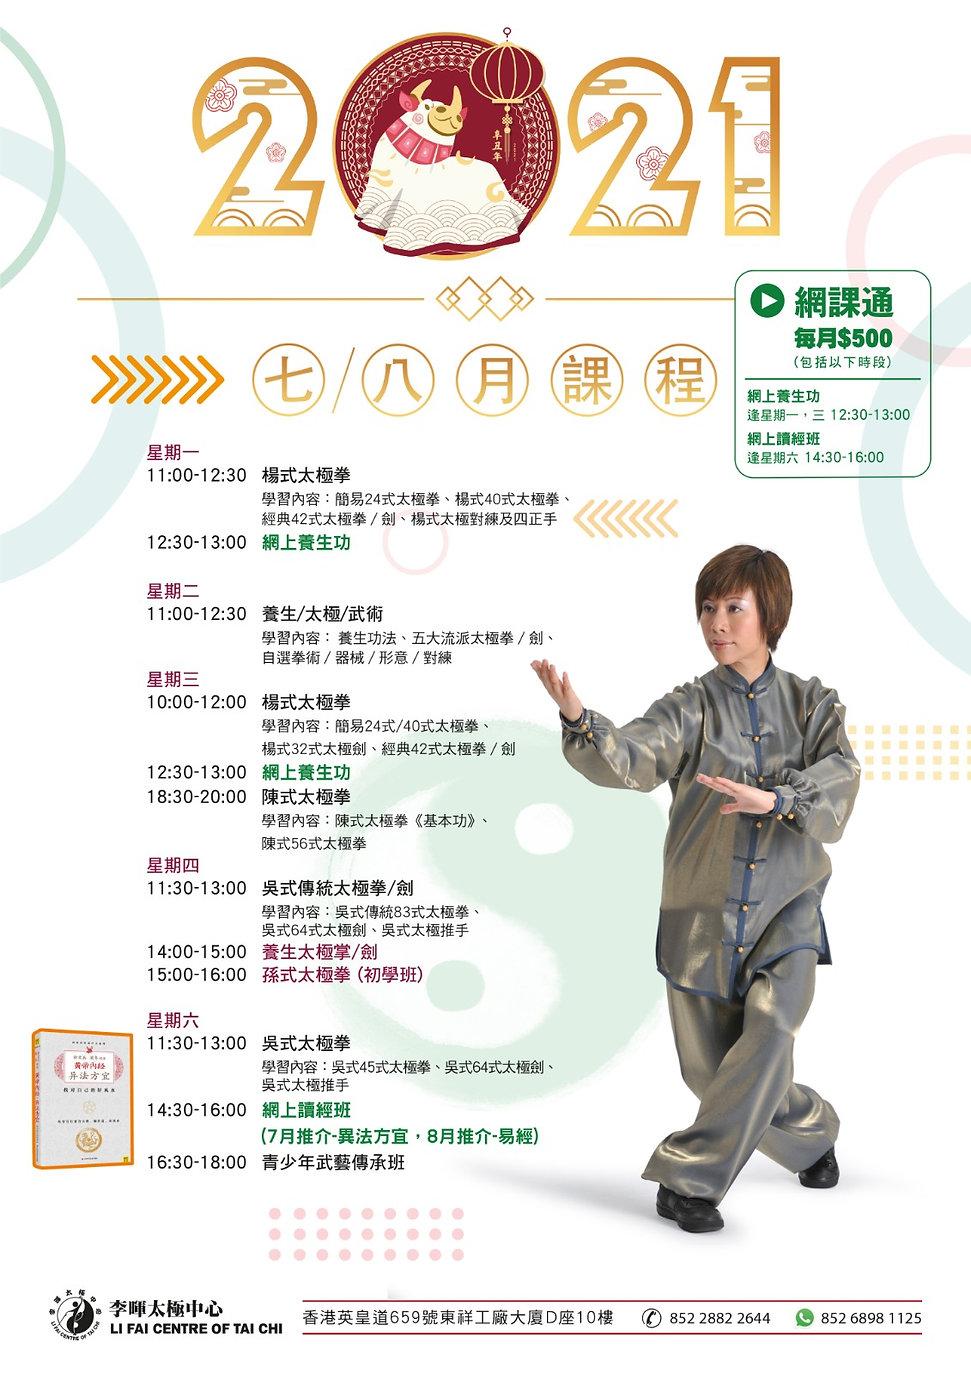 WhatsApp Image 2021-06-20 at 18.18.29.jp